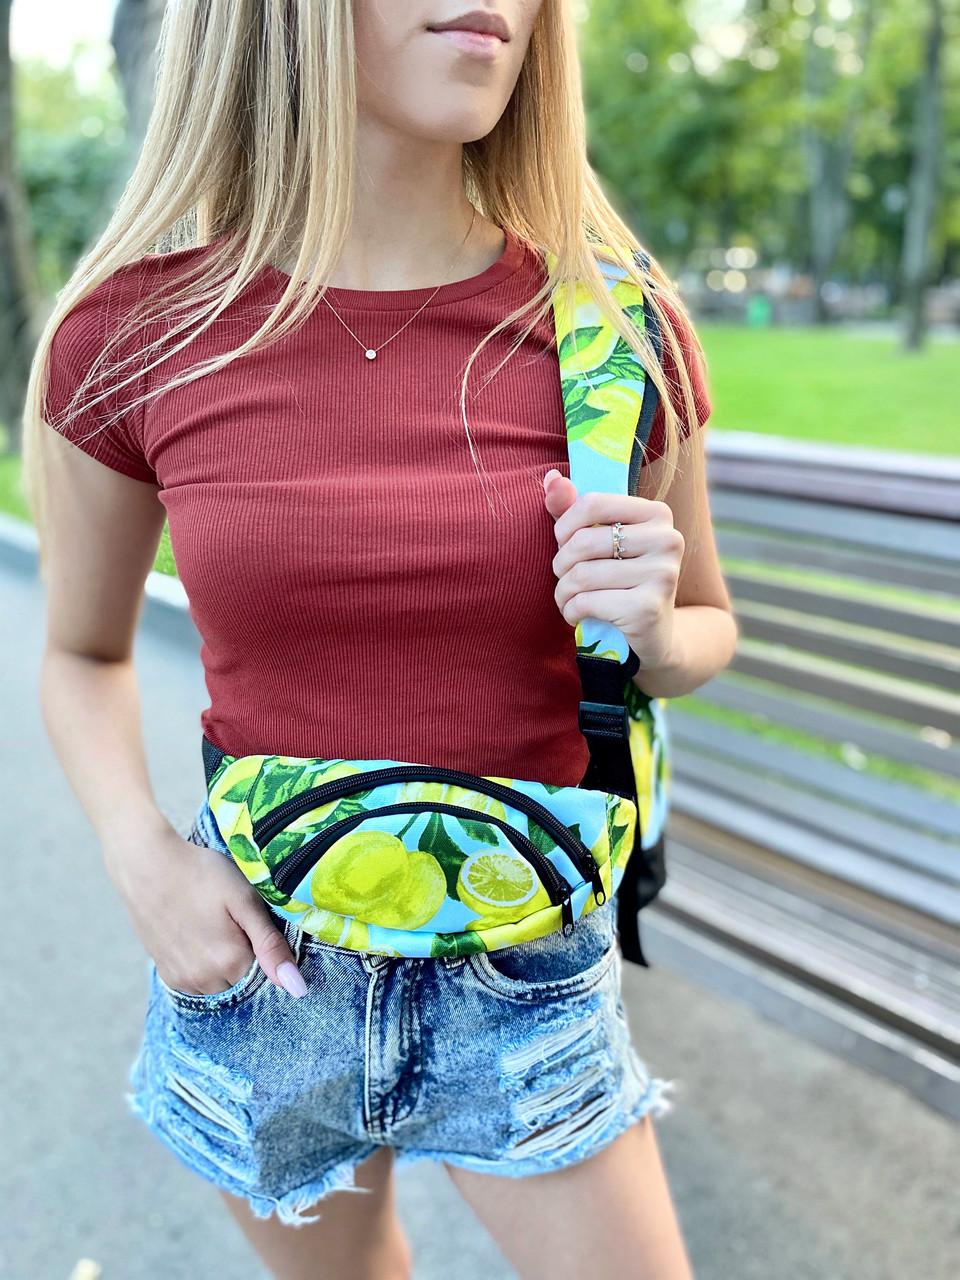 Бананка Lemon Женская/ Детская поясная сумка голубо-желтая Intruder